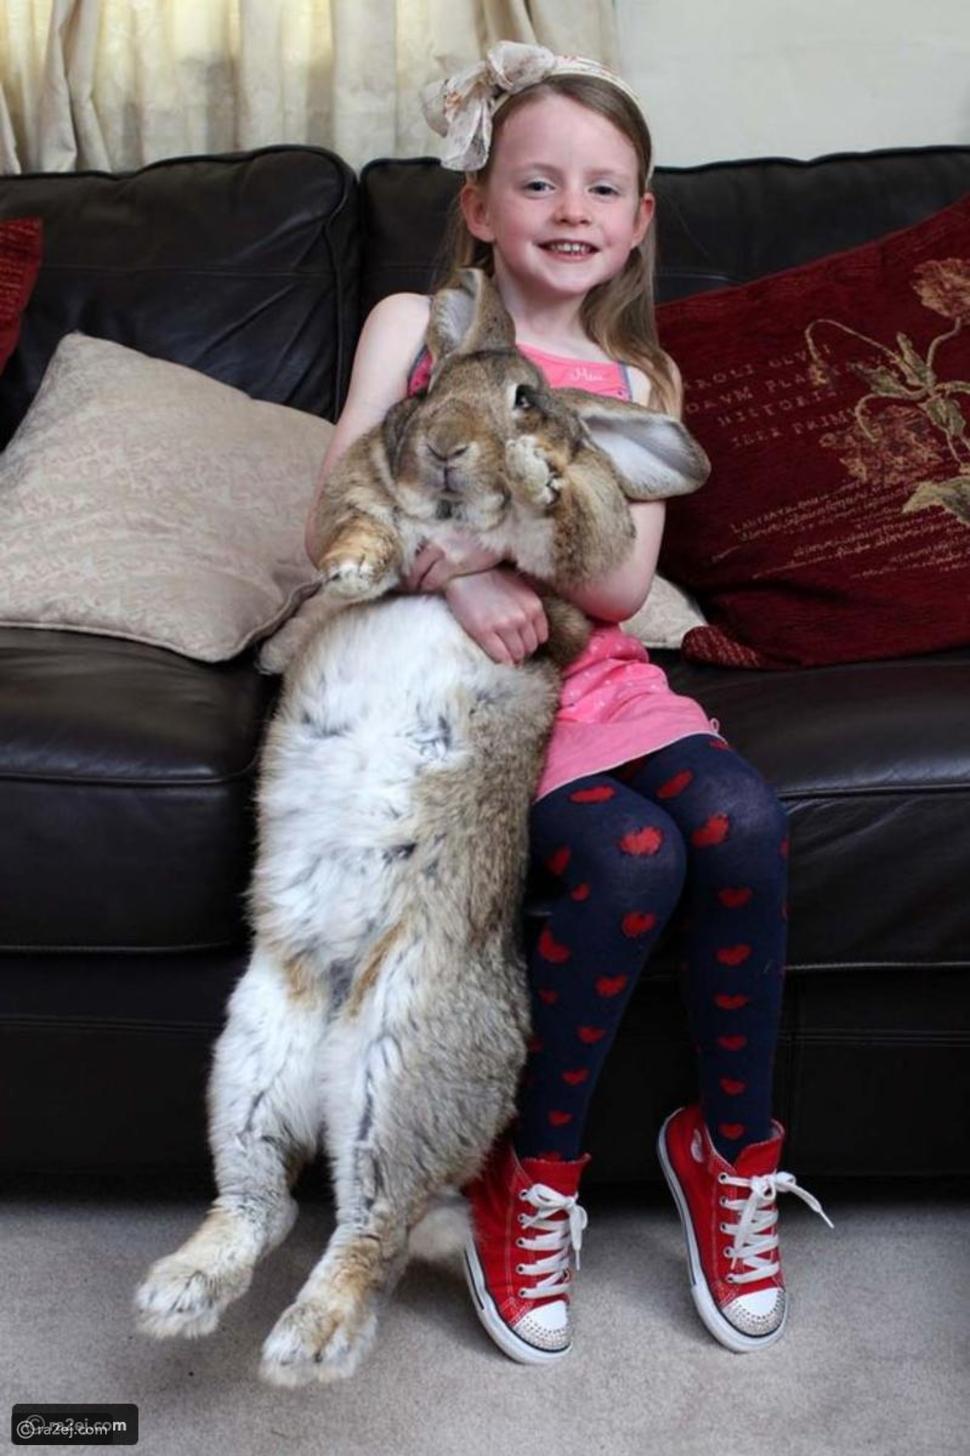 سرقة الأرنب الأضخم في العالم: هذا وزنه ومكافأة مالية لمن يعثر عليه